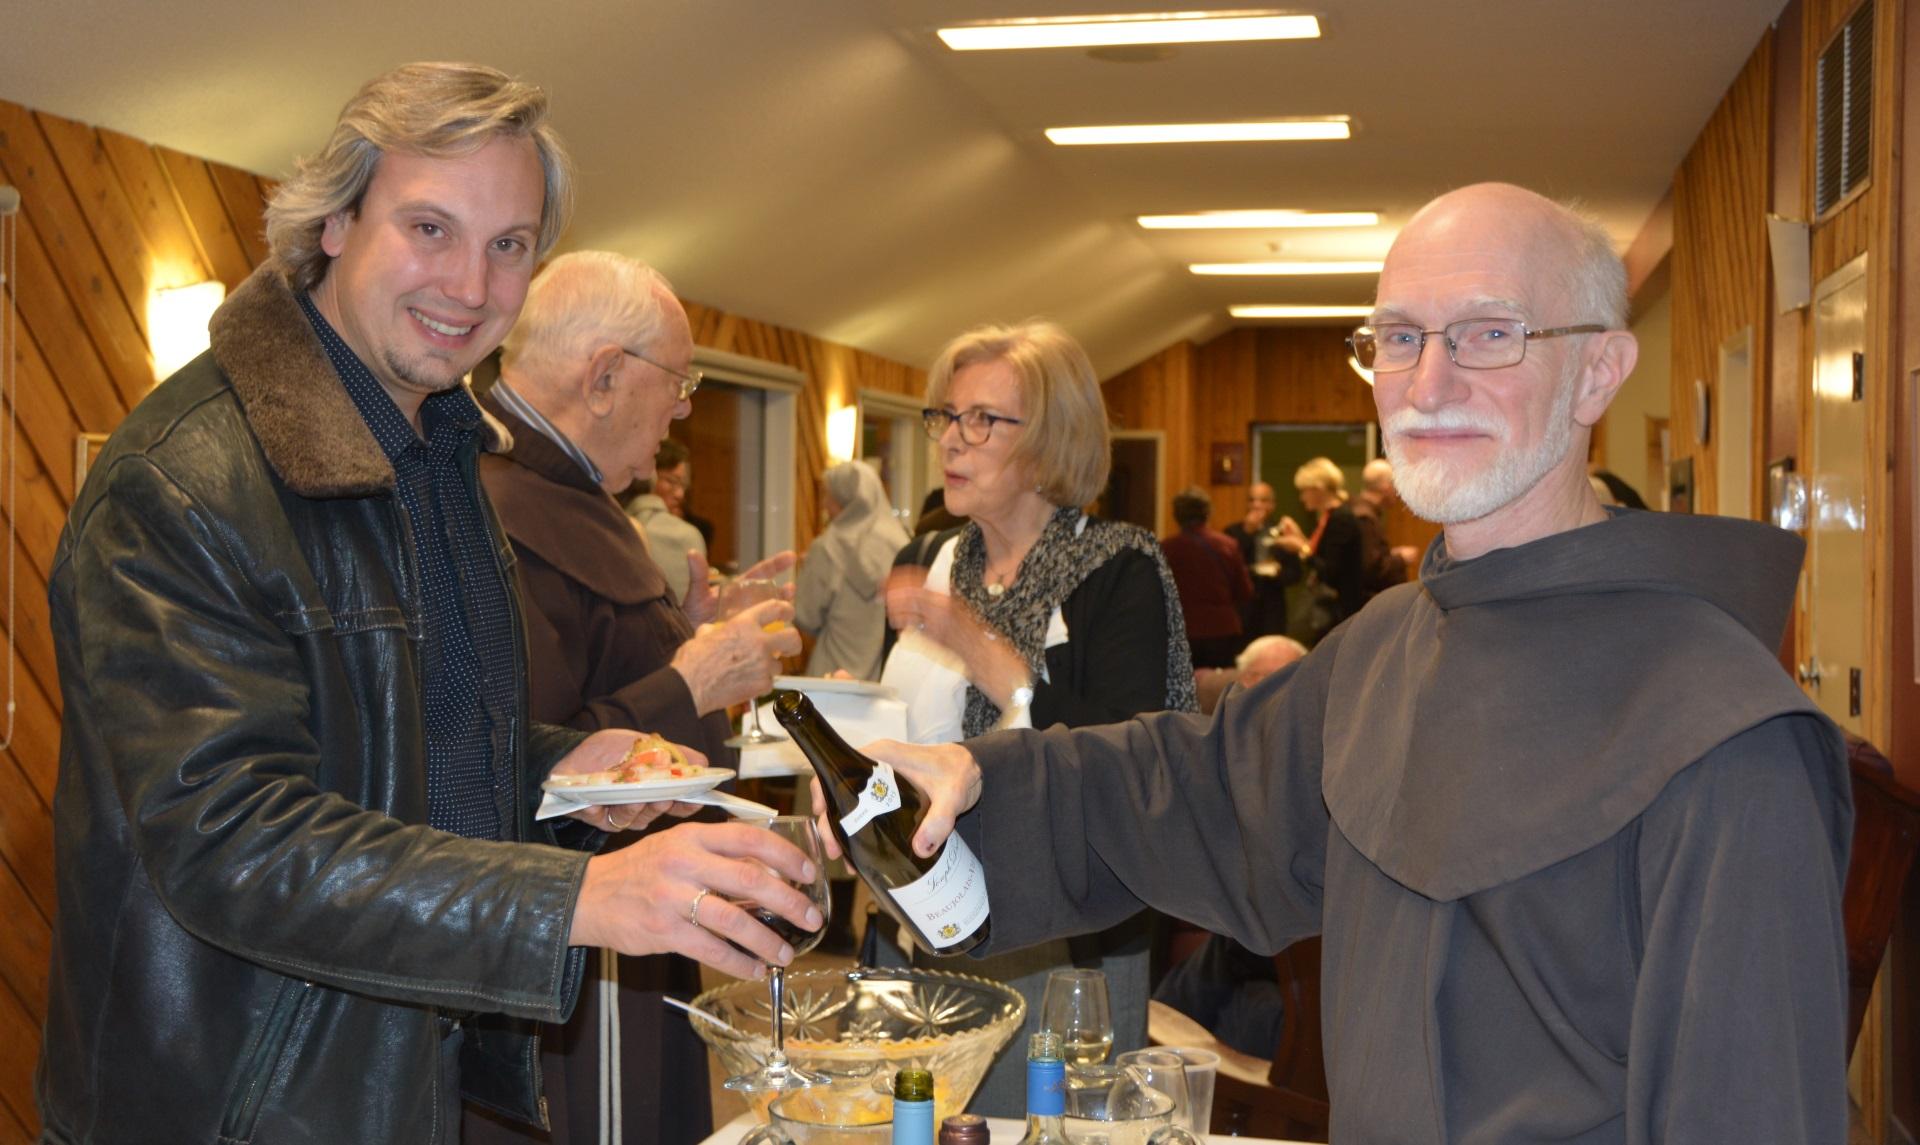 Rencontre entre amis à Mount St. Francis